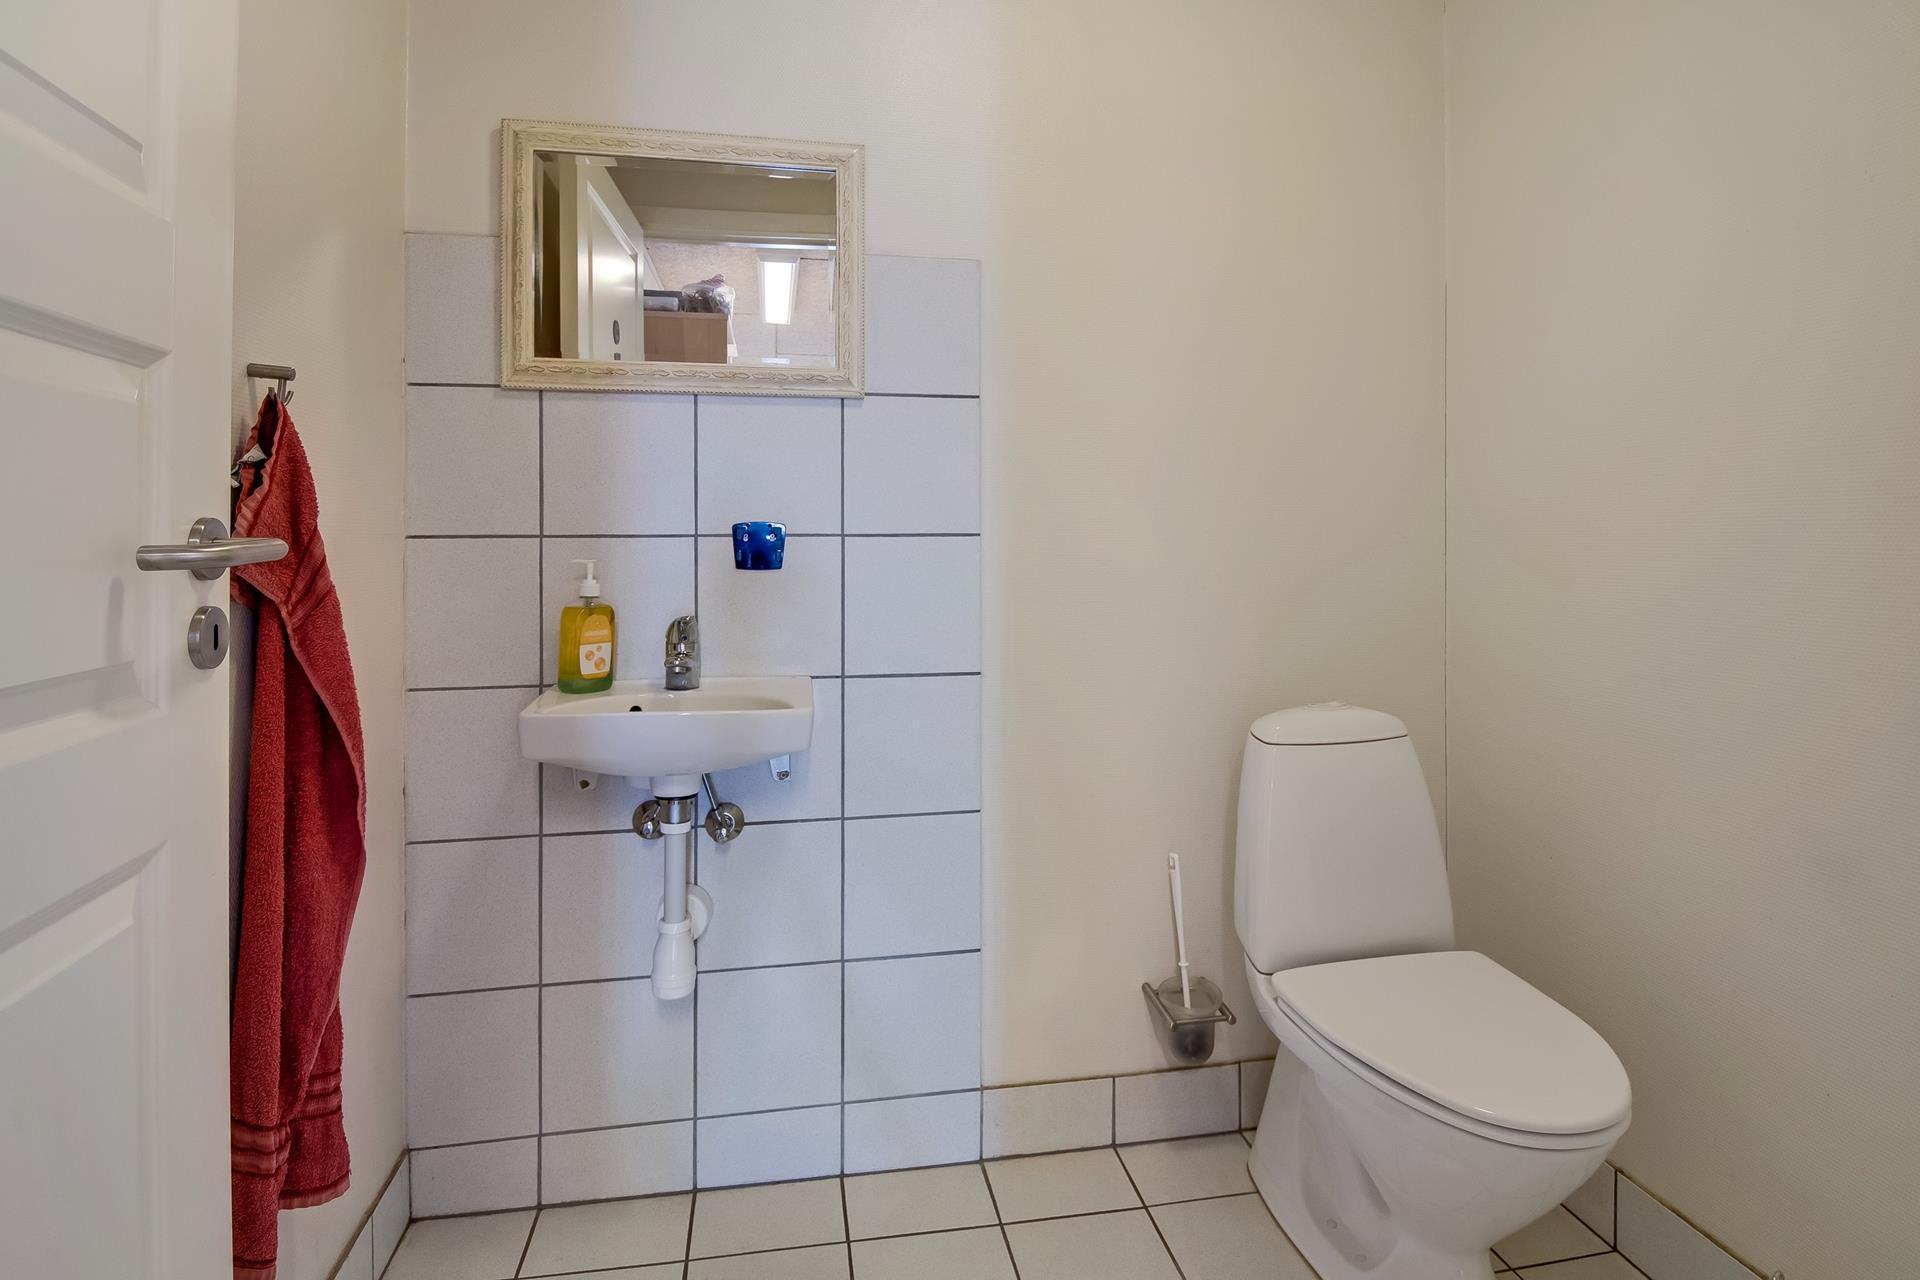 Bolig/erhverv på Lundagervej i Nørre Nebel - Toilet